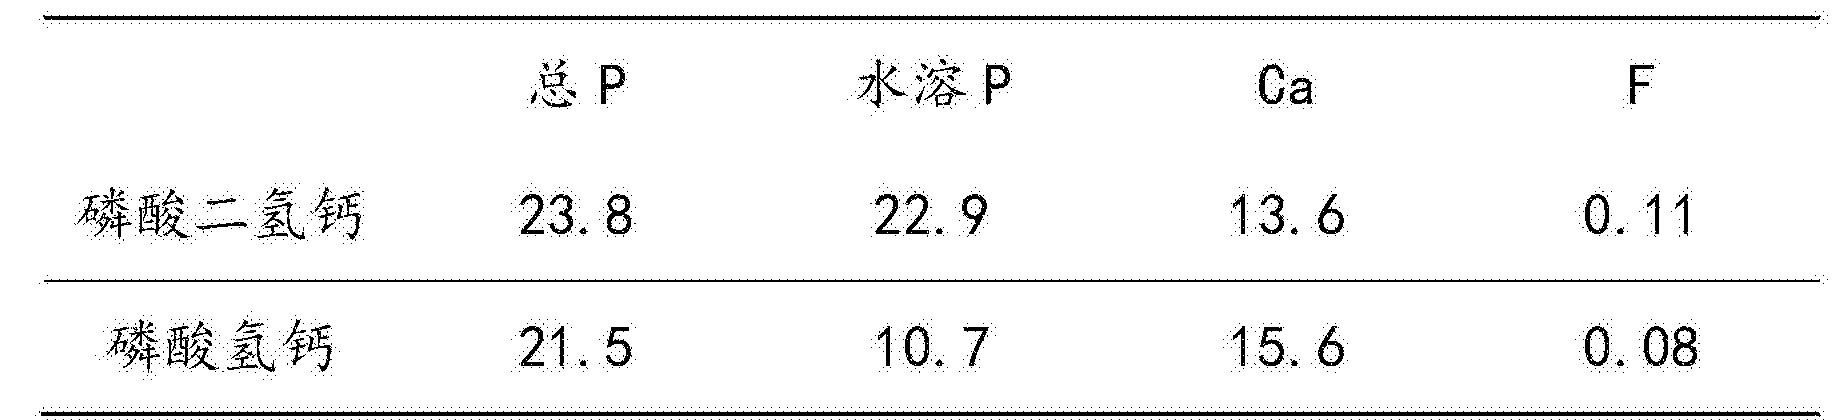 Figure CN105197905BD00104